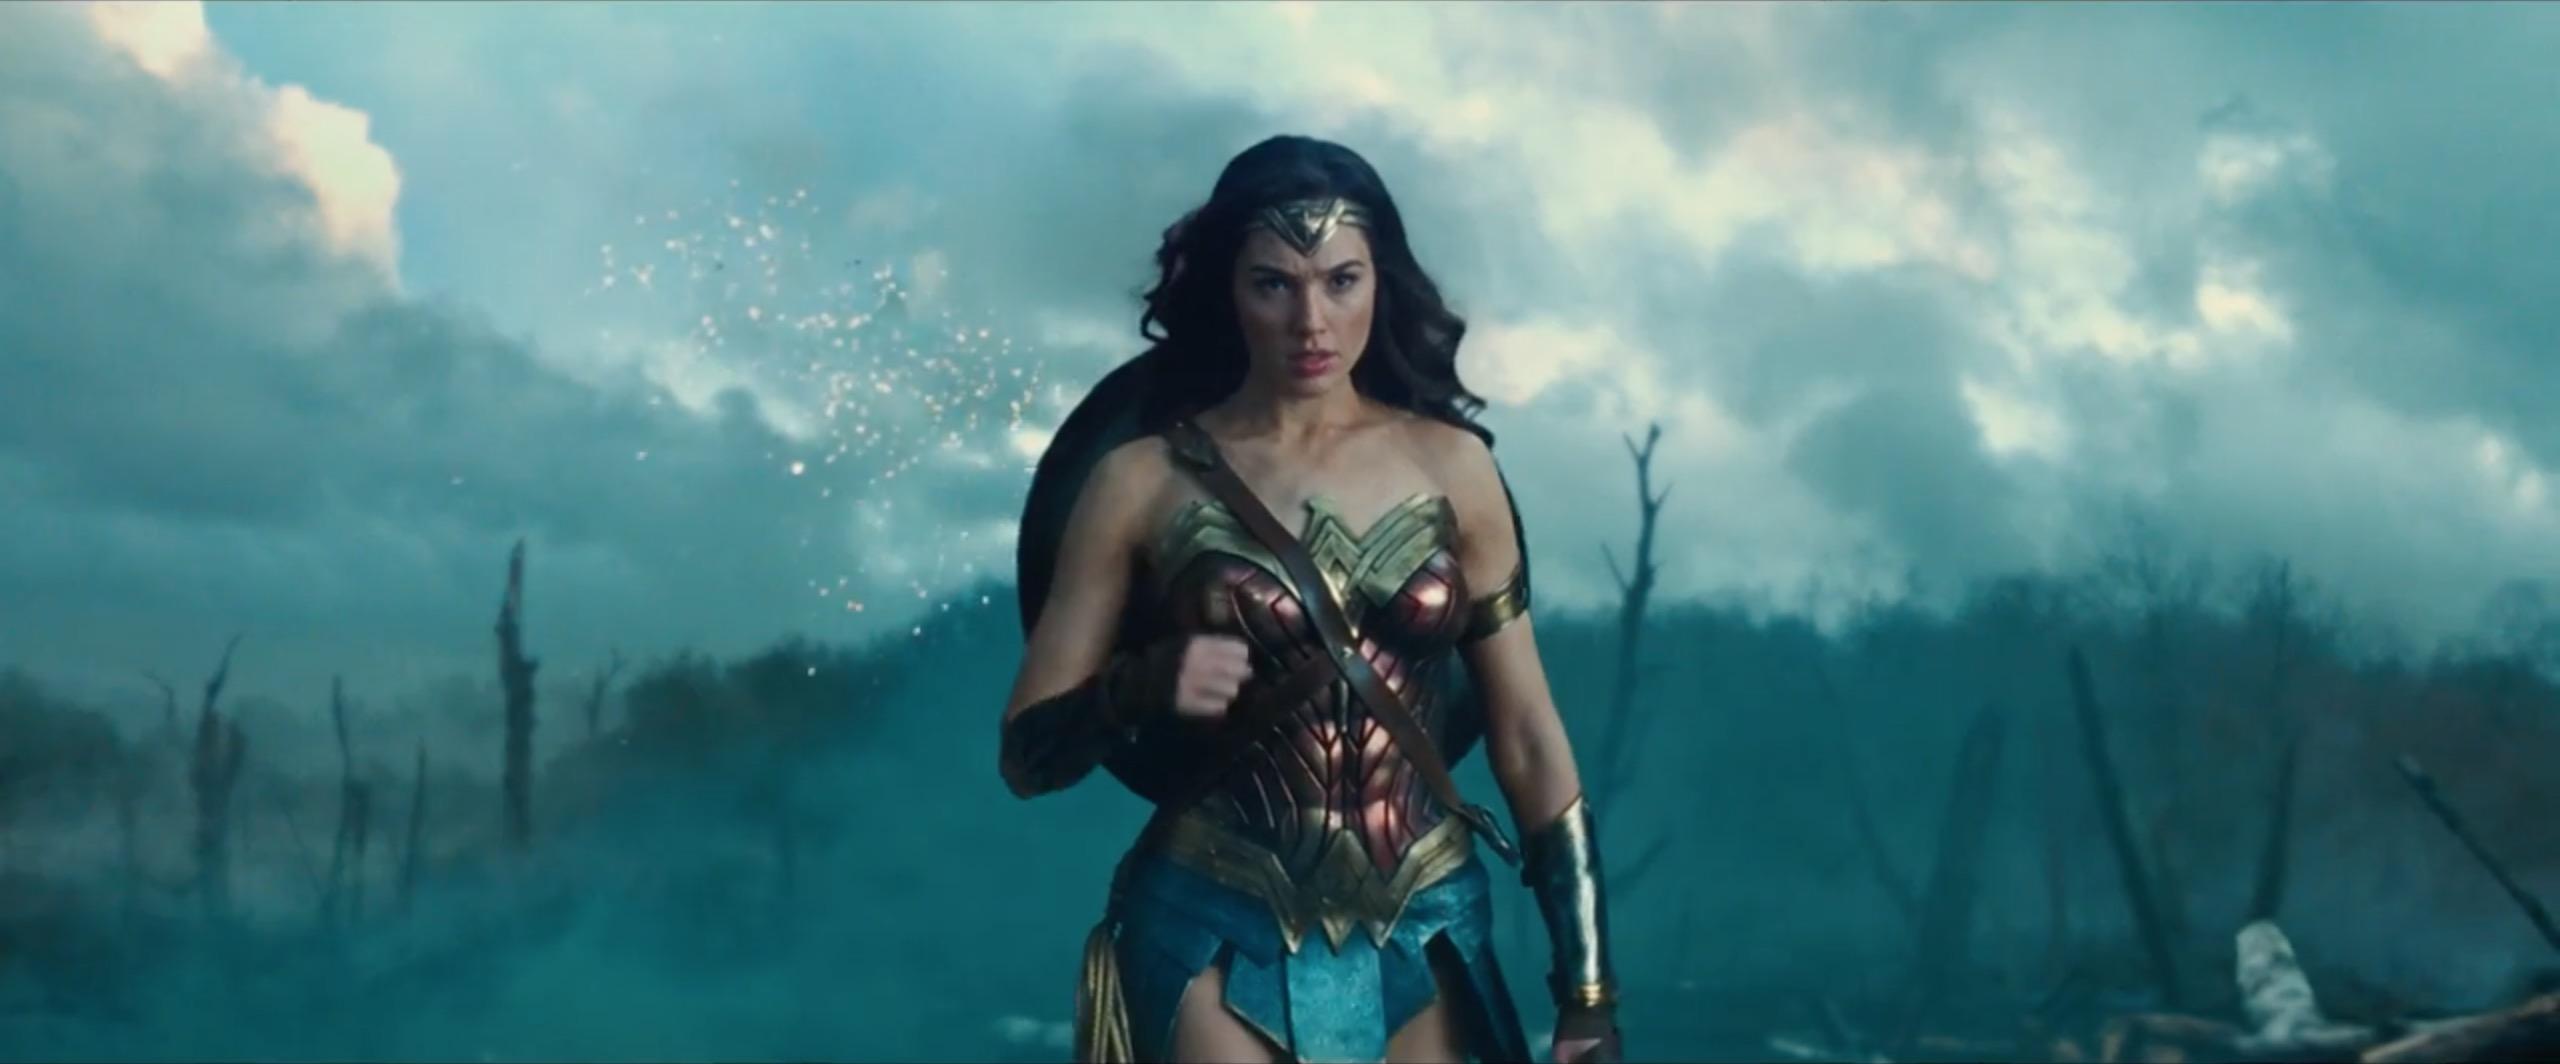 Wonder Woman i odcięte głowy na niewykorzystanym zdjęciu. Pierwotnie film miał być znacznie mroczniejszy